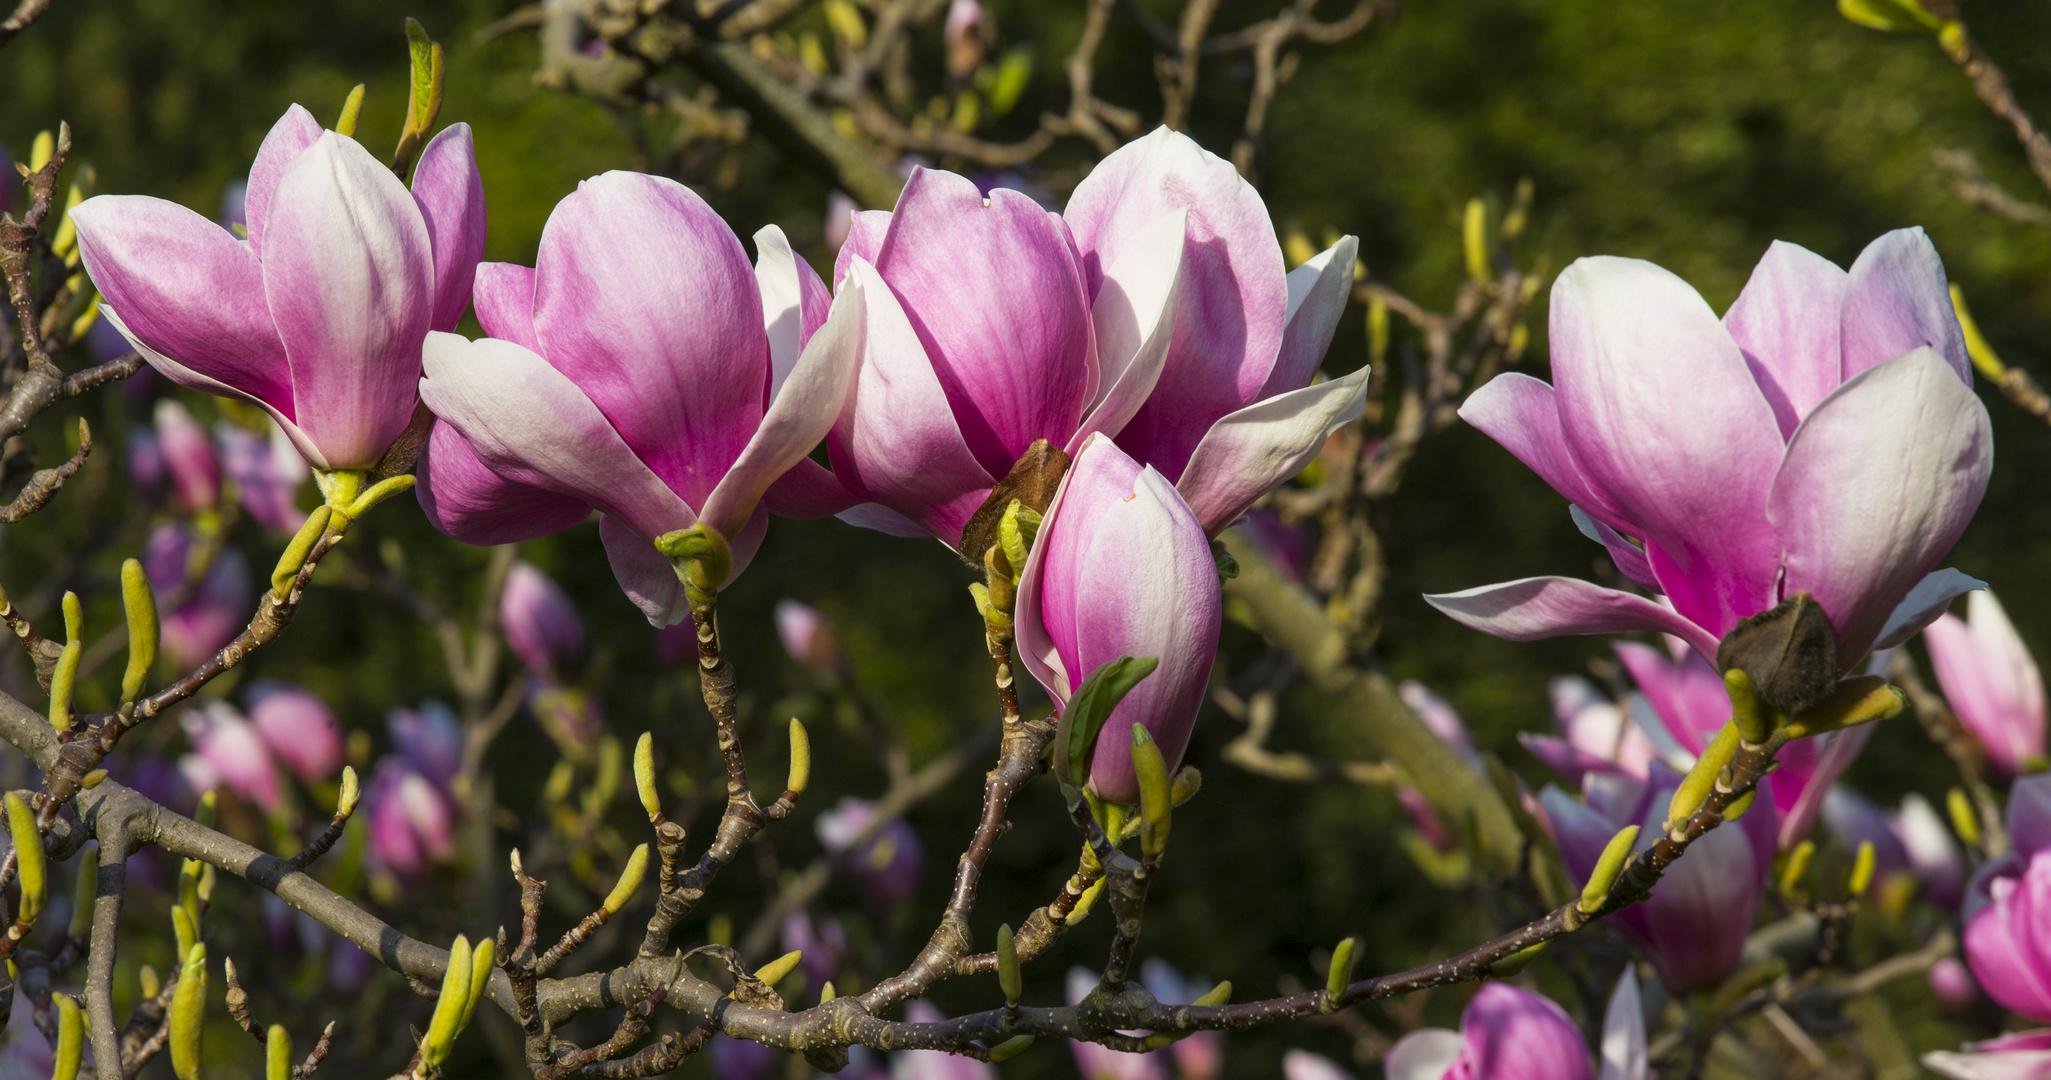 jetzt bl hen die magnolien in der wilhelma foto bild jahreszeiten fr hling b ume bilder. Black Bedroom Furniture Sets. Home Design Ideas